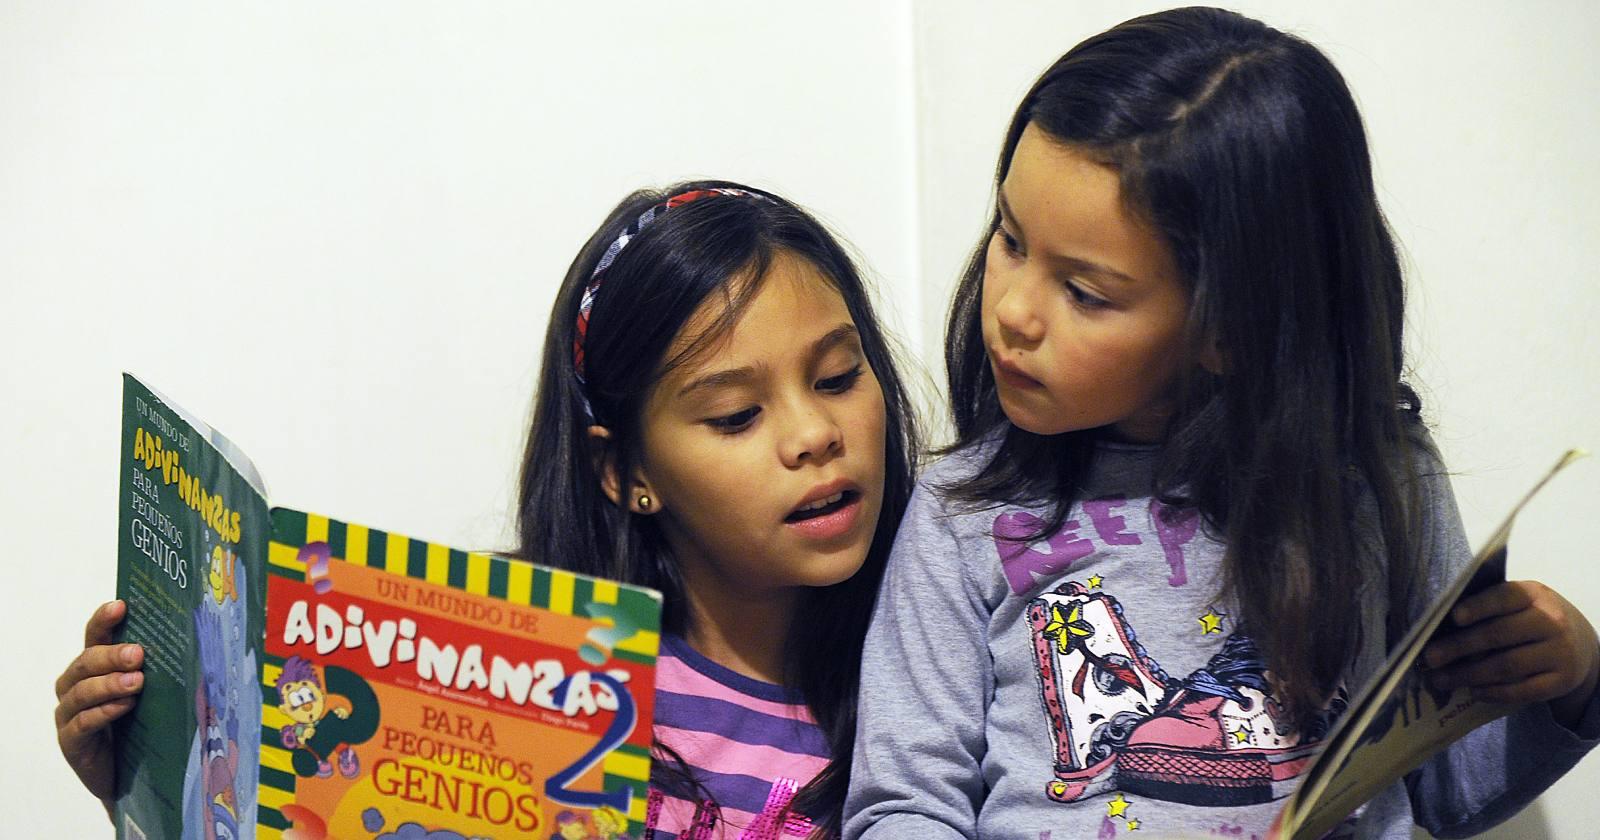 Las implicancias de no ir a clases en niños que deben comenzar a aprender a leer y escribir